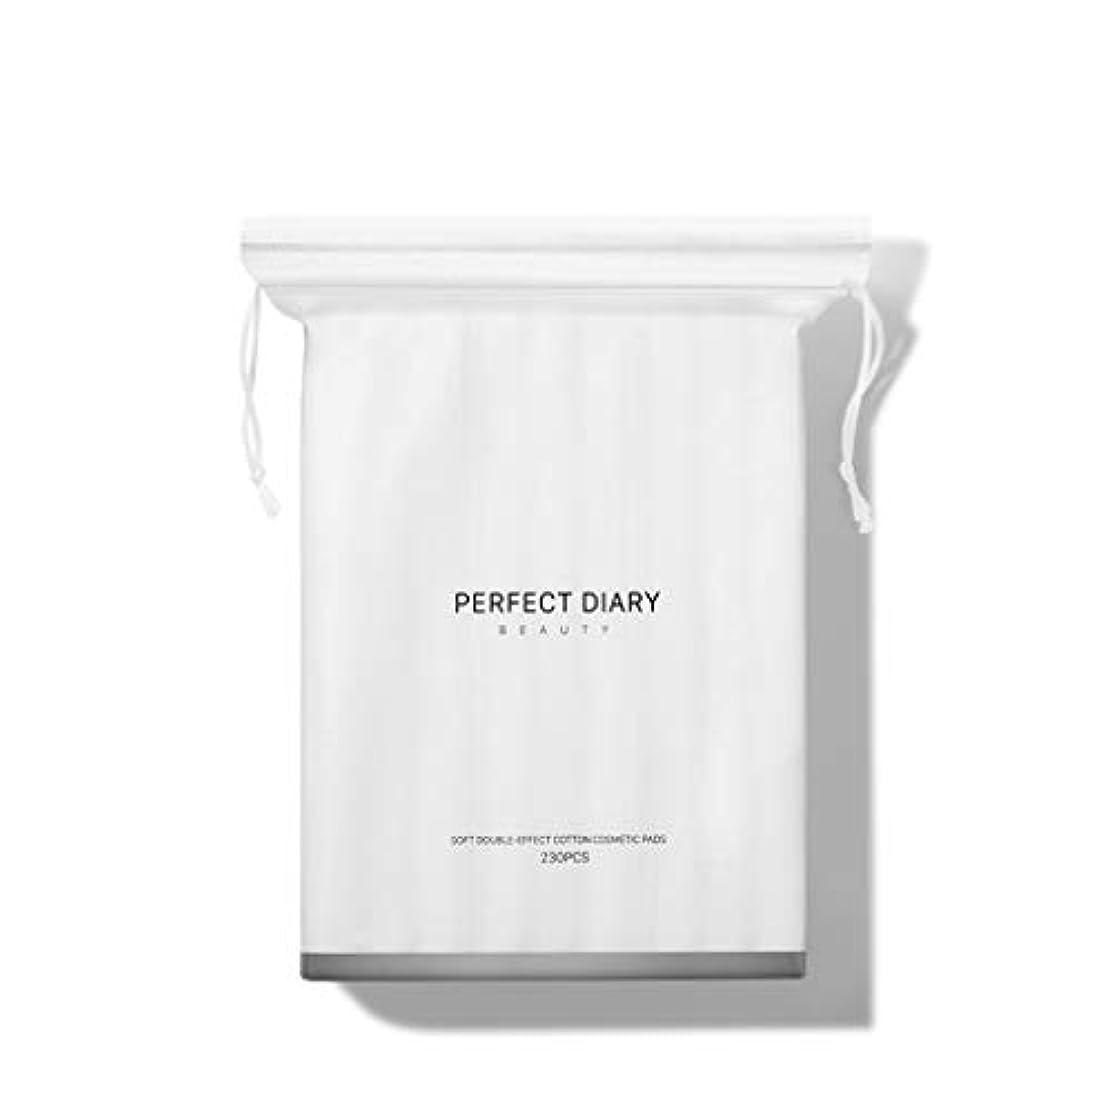 メナジェリー次消費するクレンジングシート メイクアップコットンリムーバーコットンリムーバーフェイシャルウェットコンプレッサースペシャルメイク落とし箱入りハイドレイティングスペシャルフェイス (Color : White)